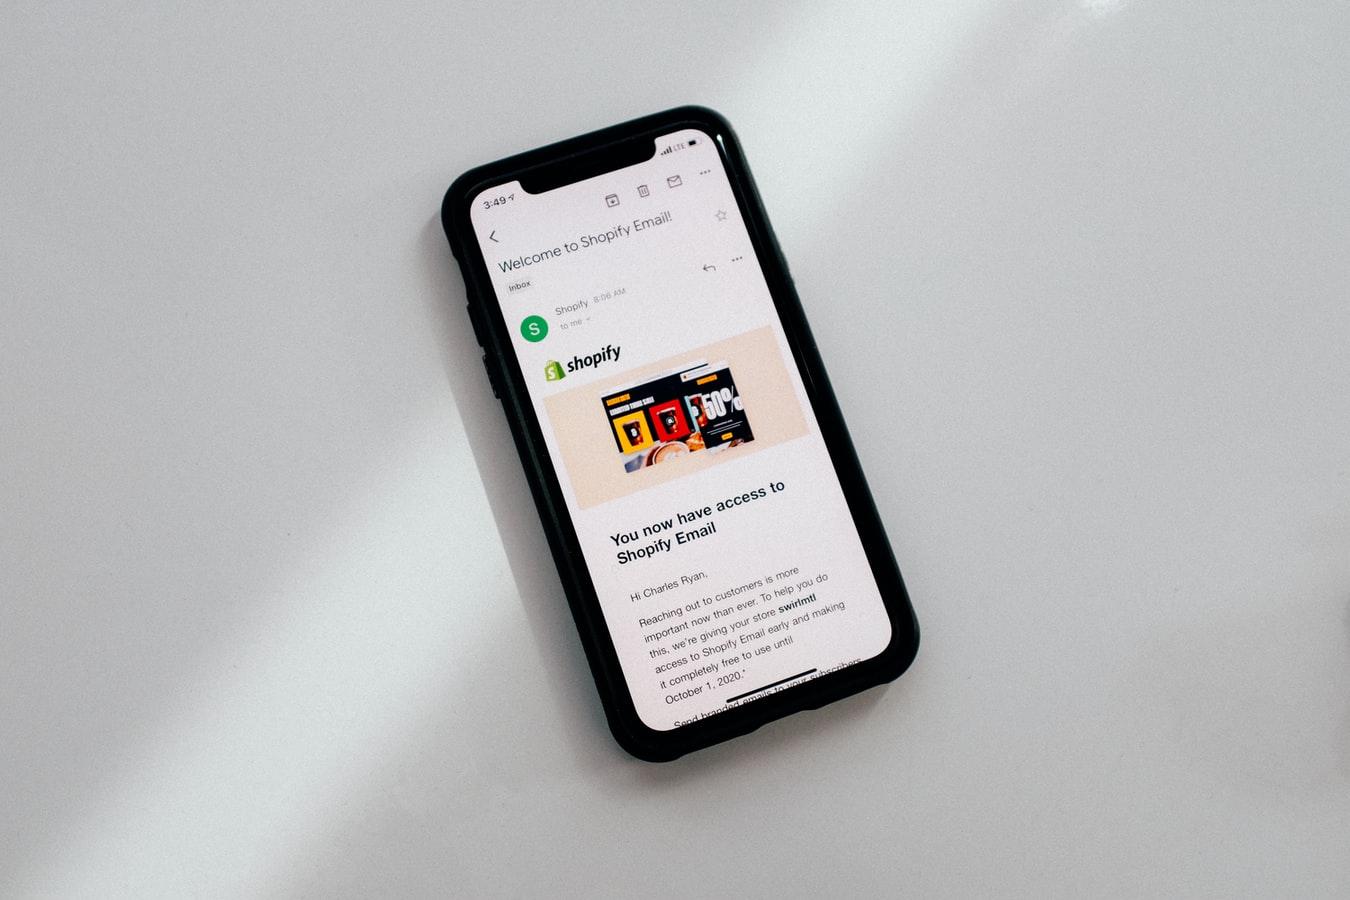 E-Commerce Plattform Shopify mit rasantem Wachstum: in den USA nach Amazon bereits Nr. 2 im E-Commerce